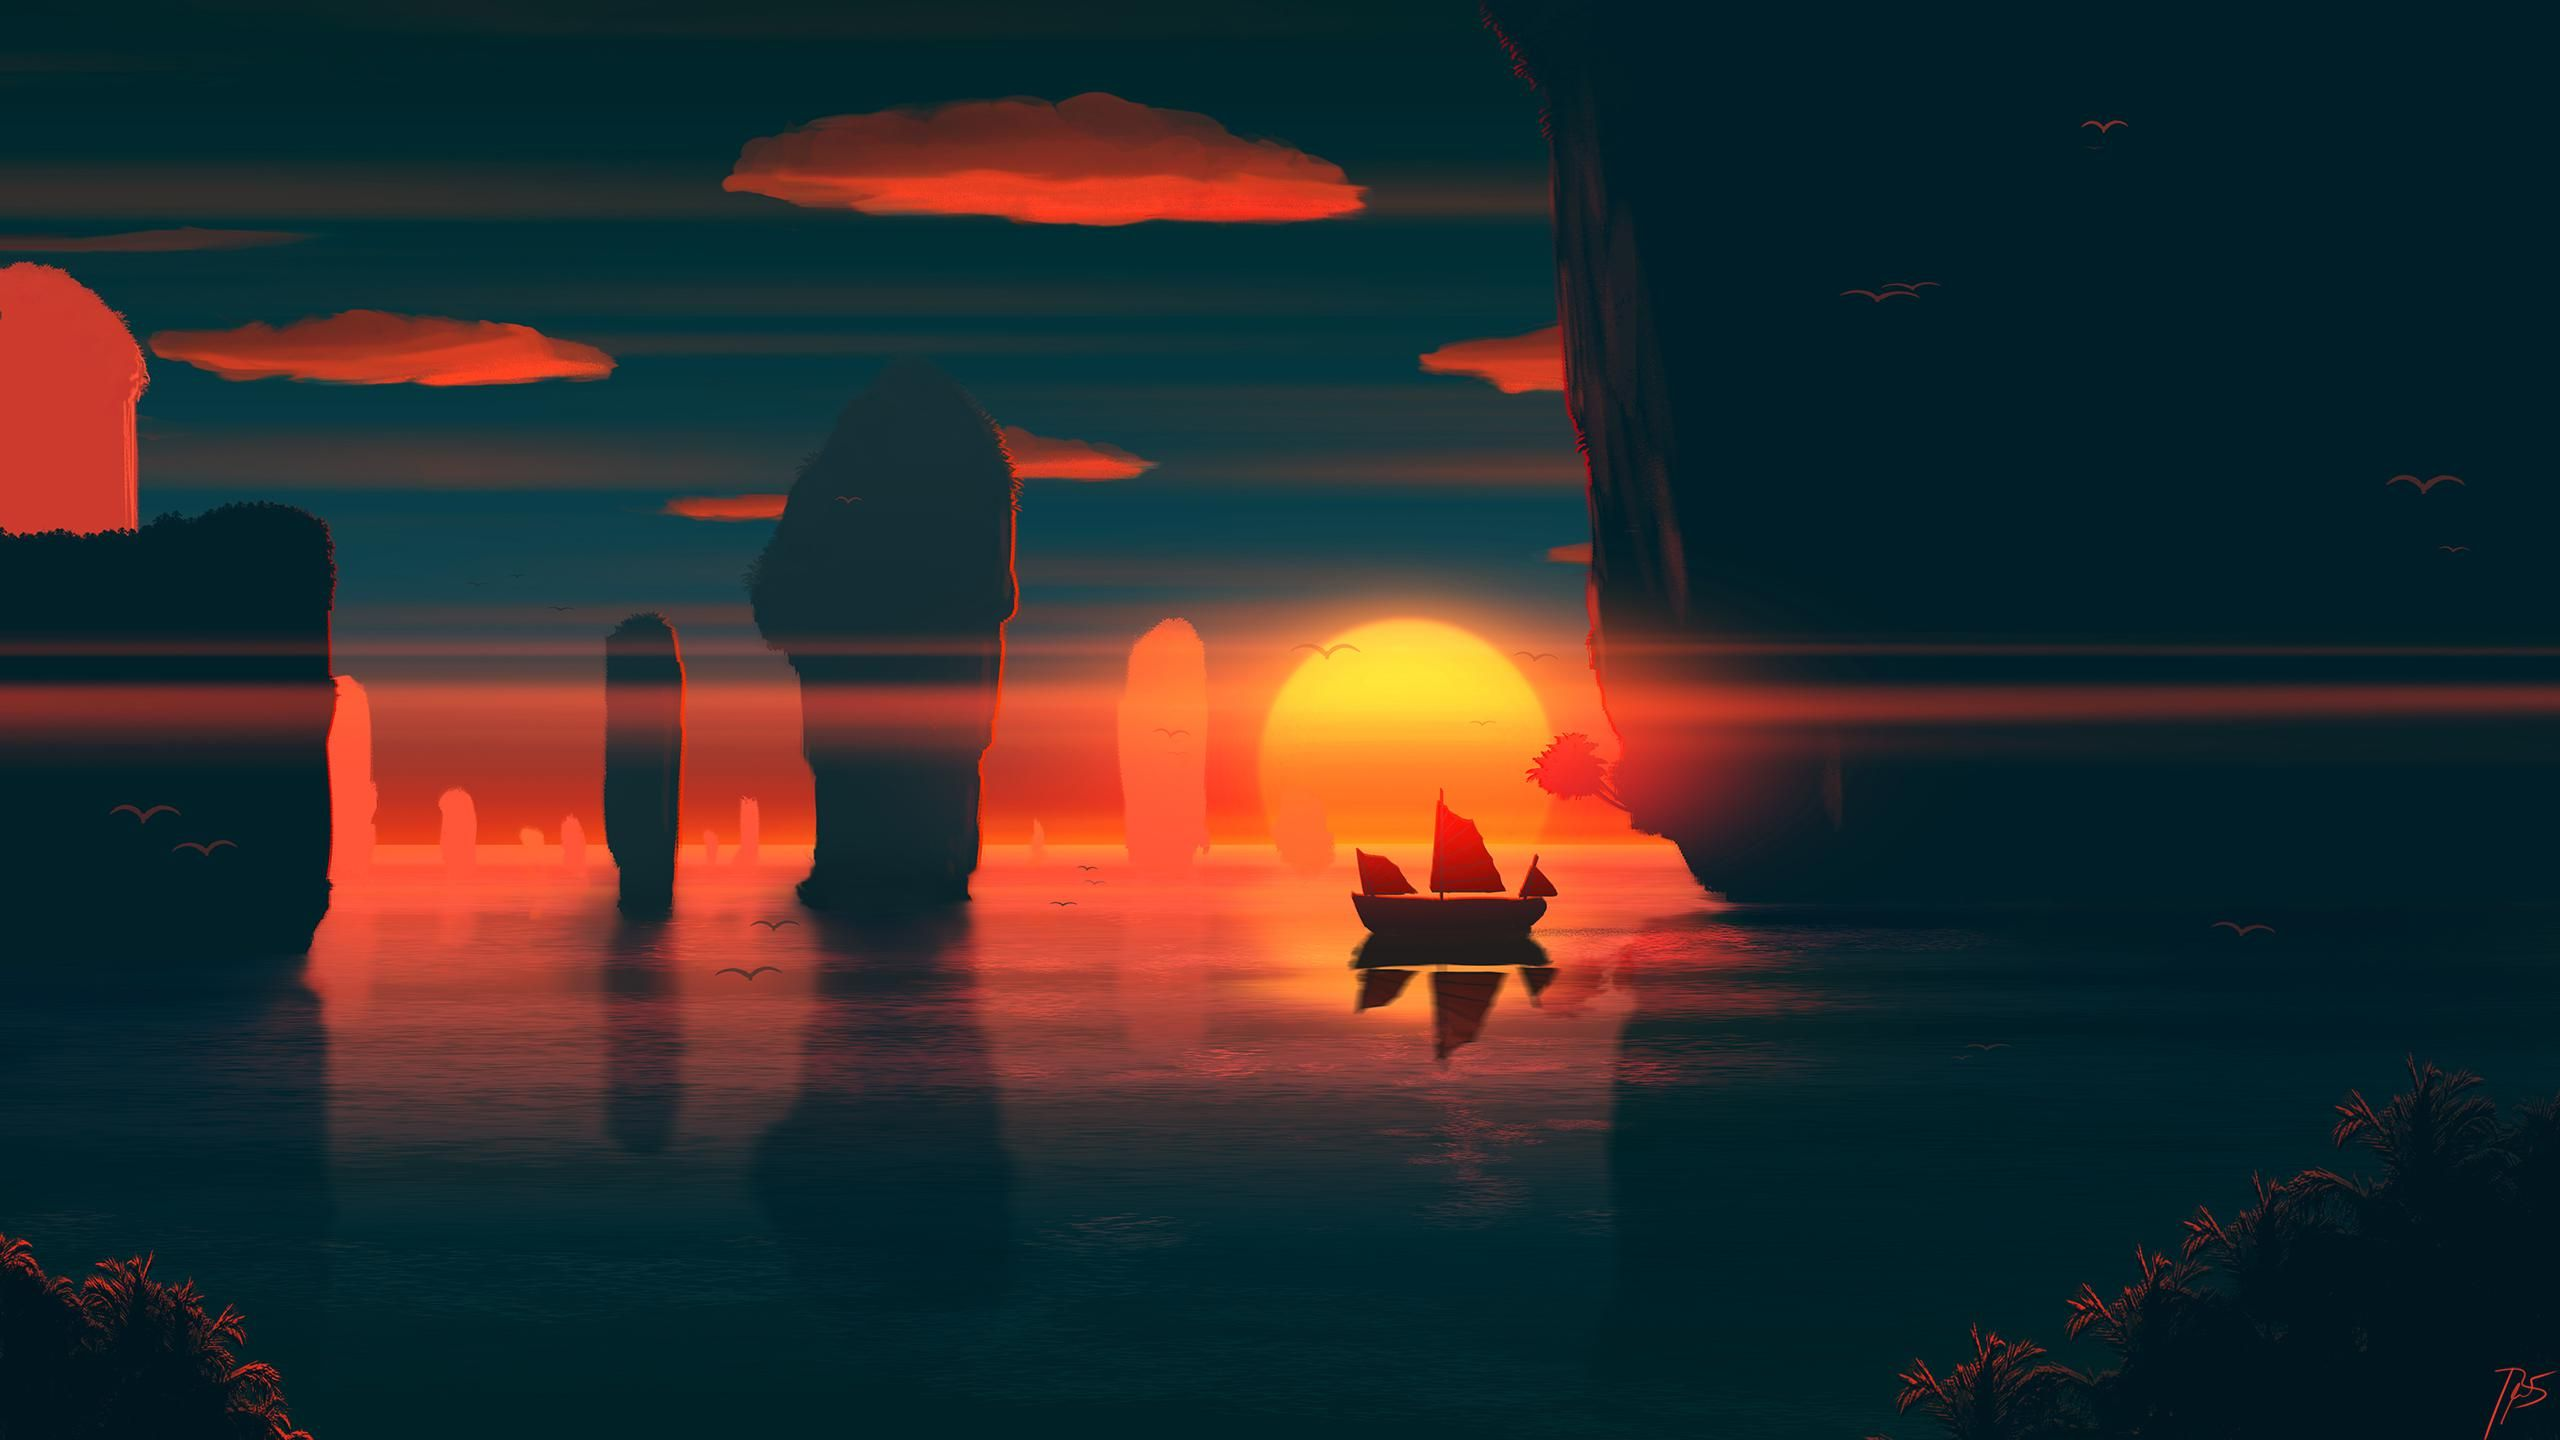 Calm Outrun Sunset 2560 X 1440 Desenhos Legais Paisagens Desenhos